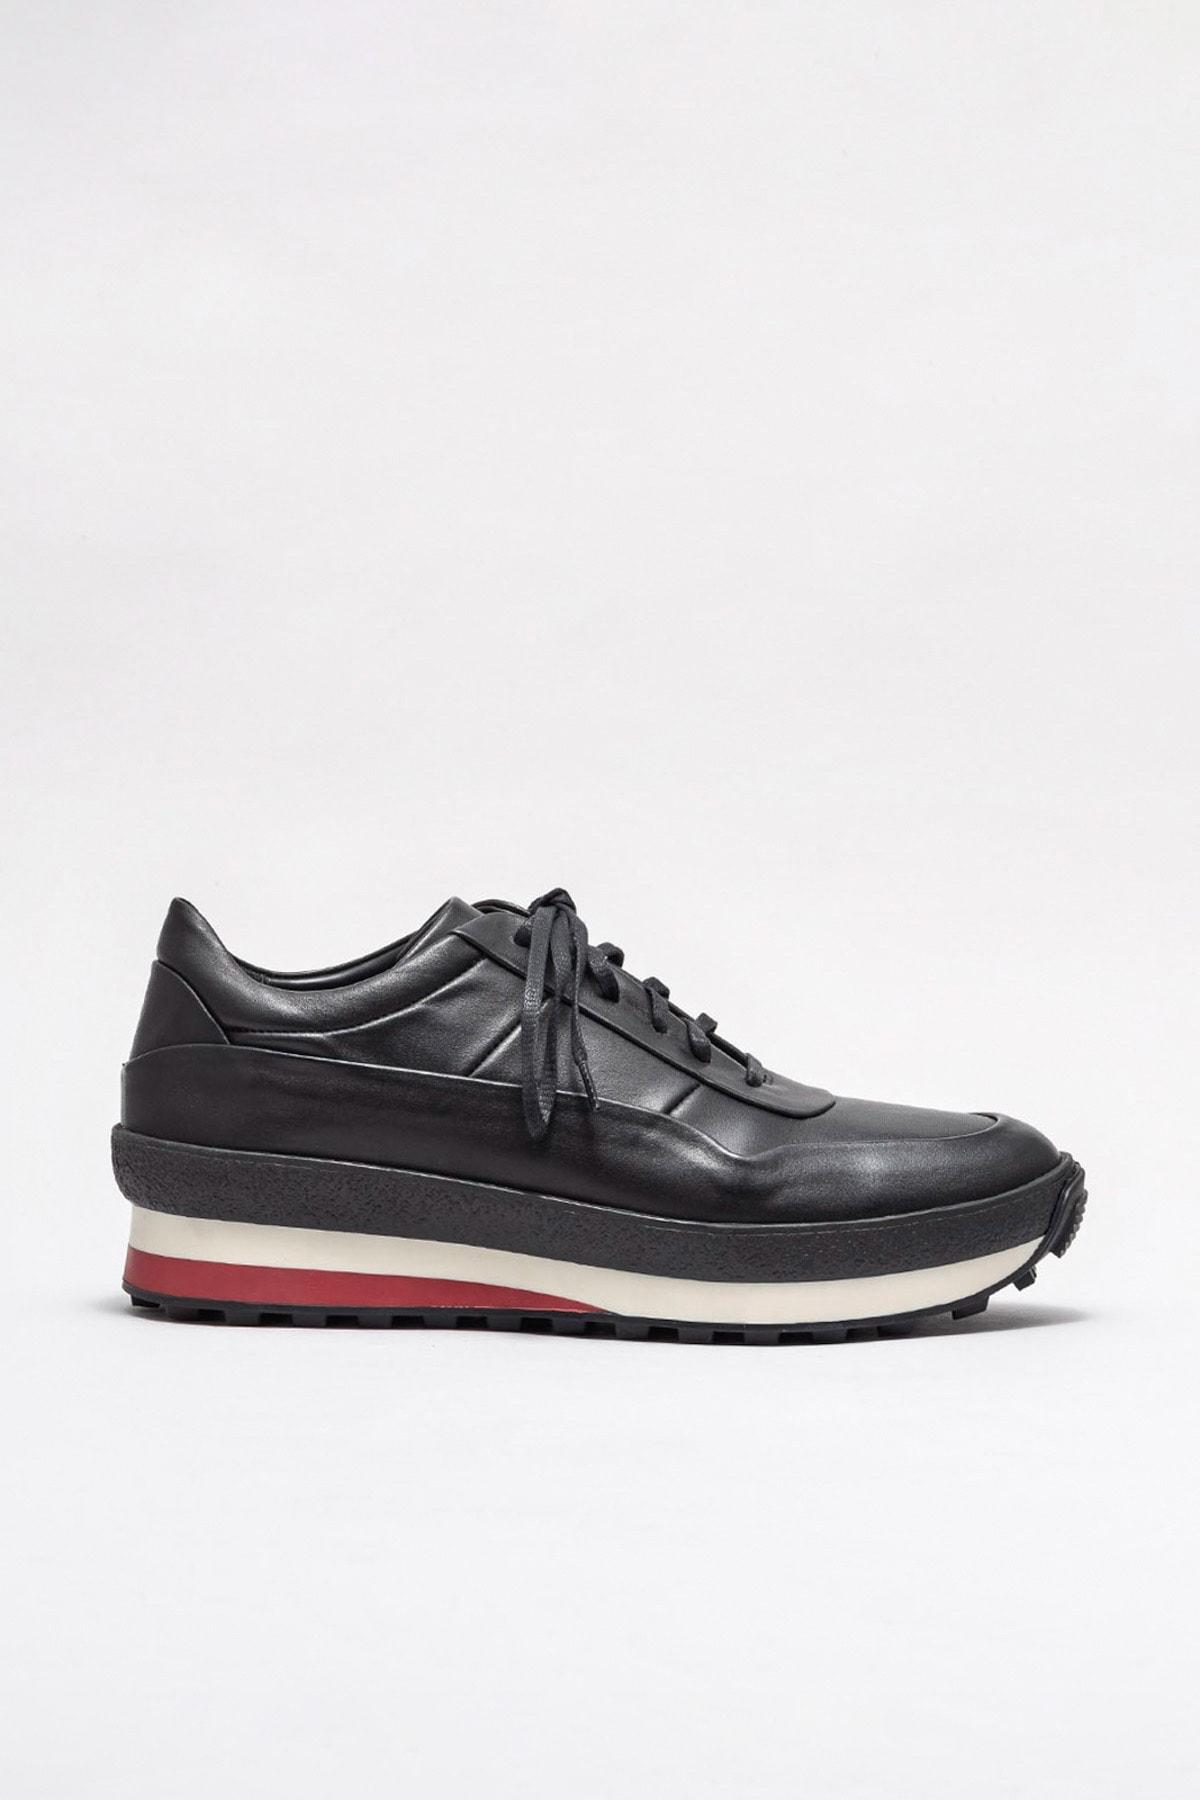 Elle Shoes Erkek Casual Ayakkabı Westen 20KSLM-6117 1